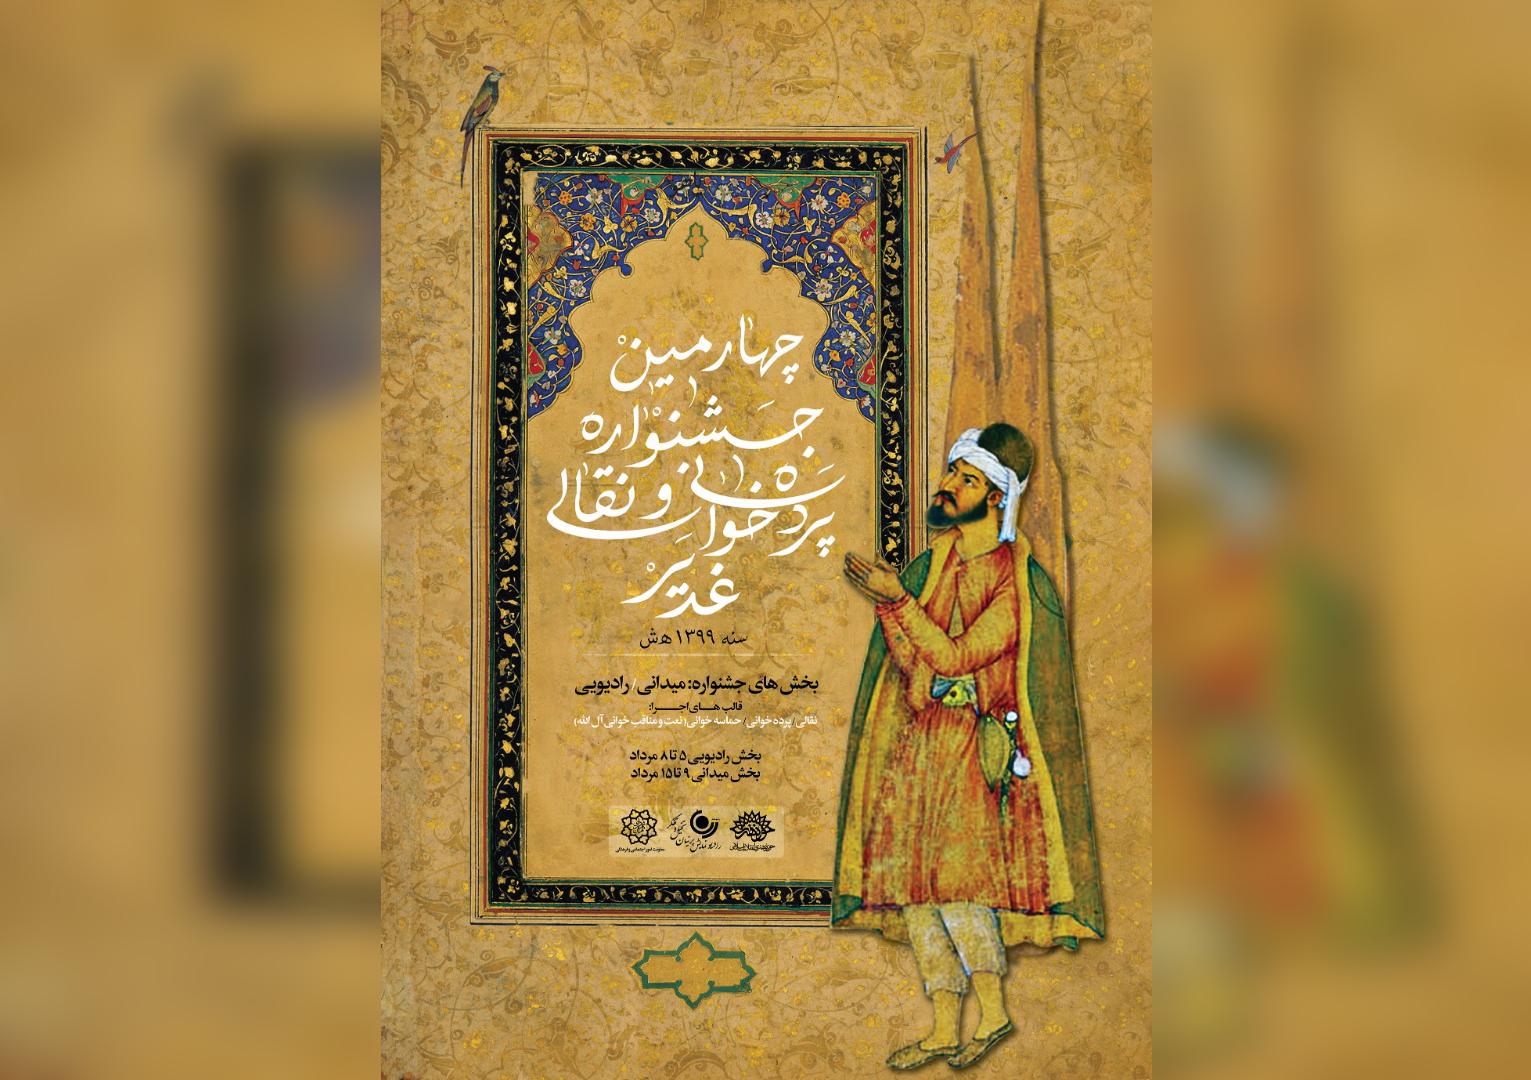 چهارمین جشنواره سراسری نقالی و پردهخوانی غدیر «نقالان علوی» فراخوان داد